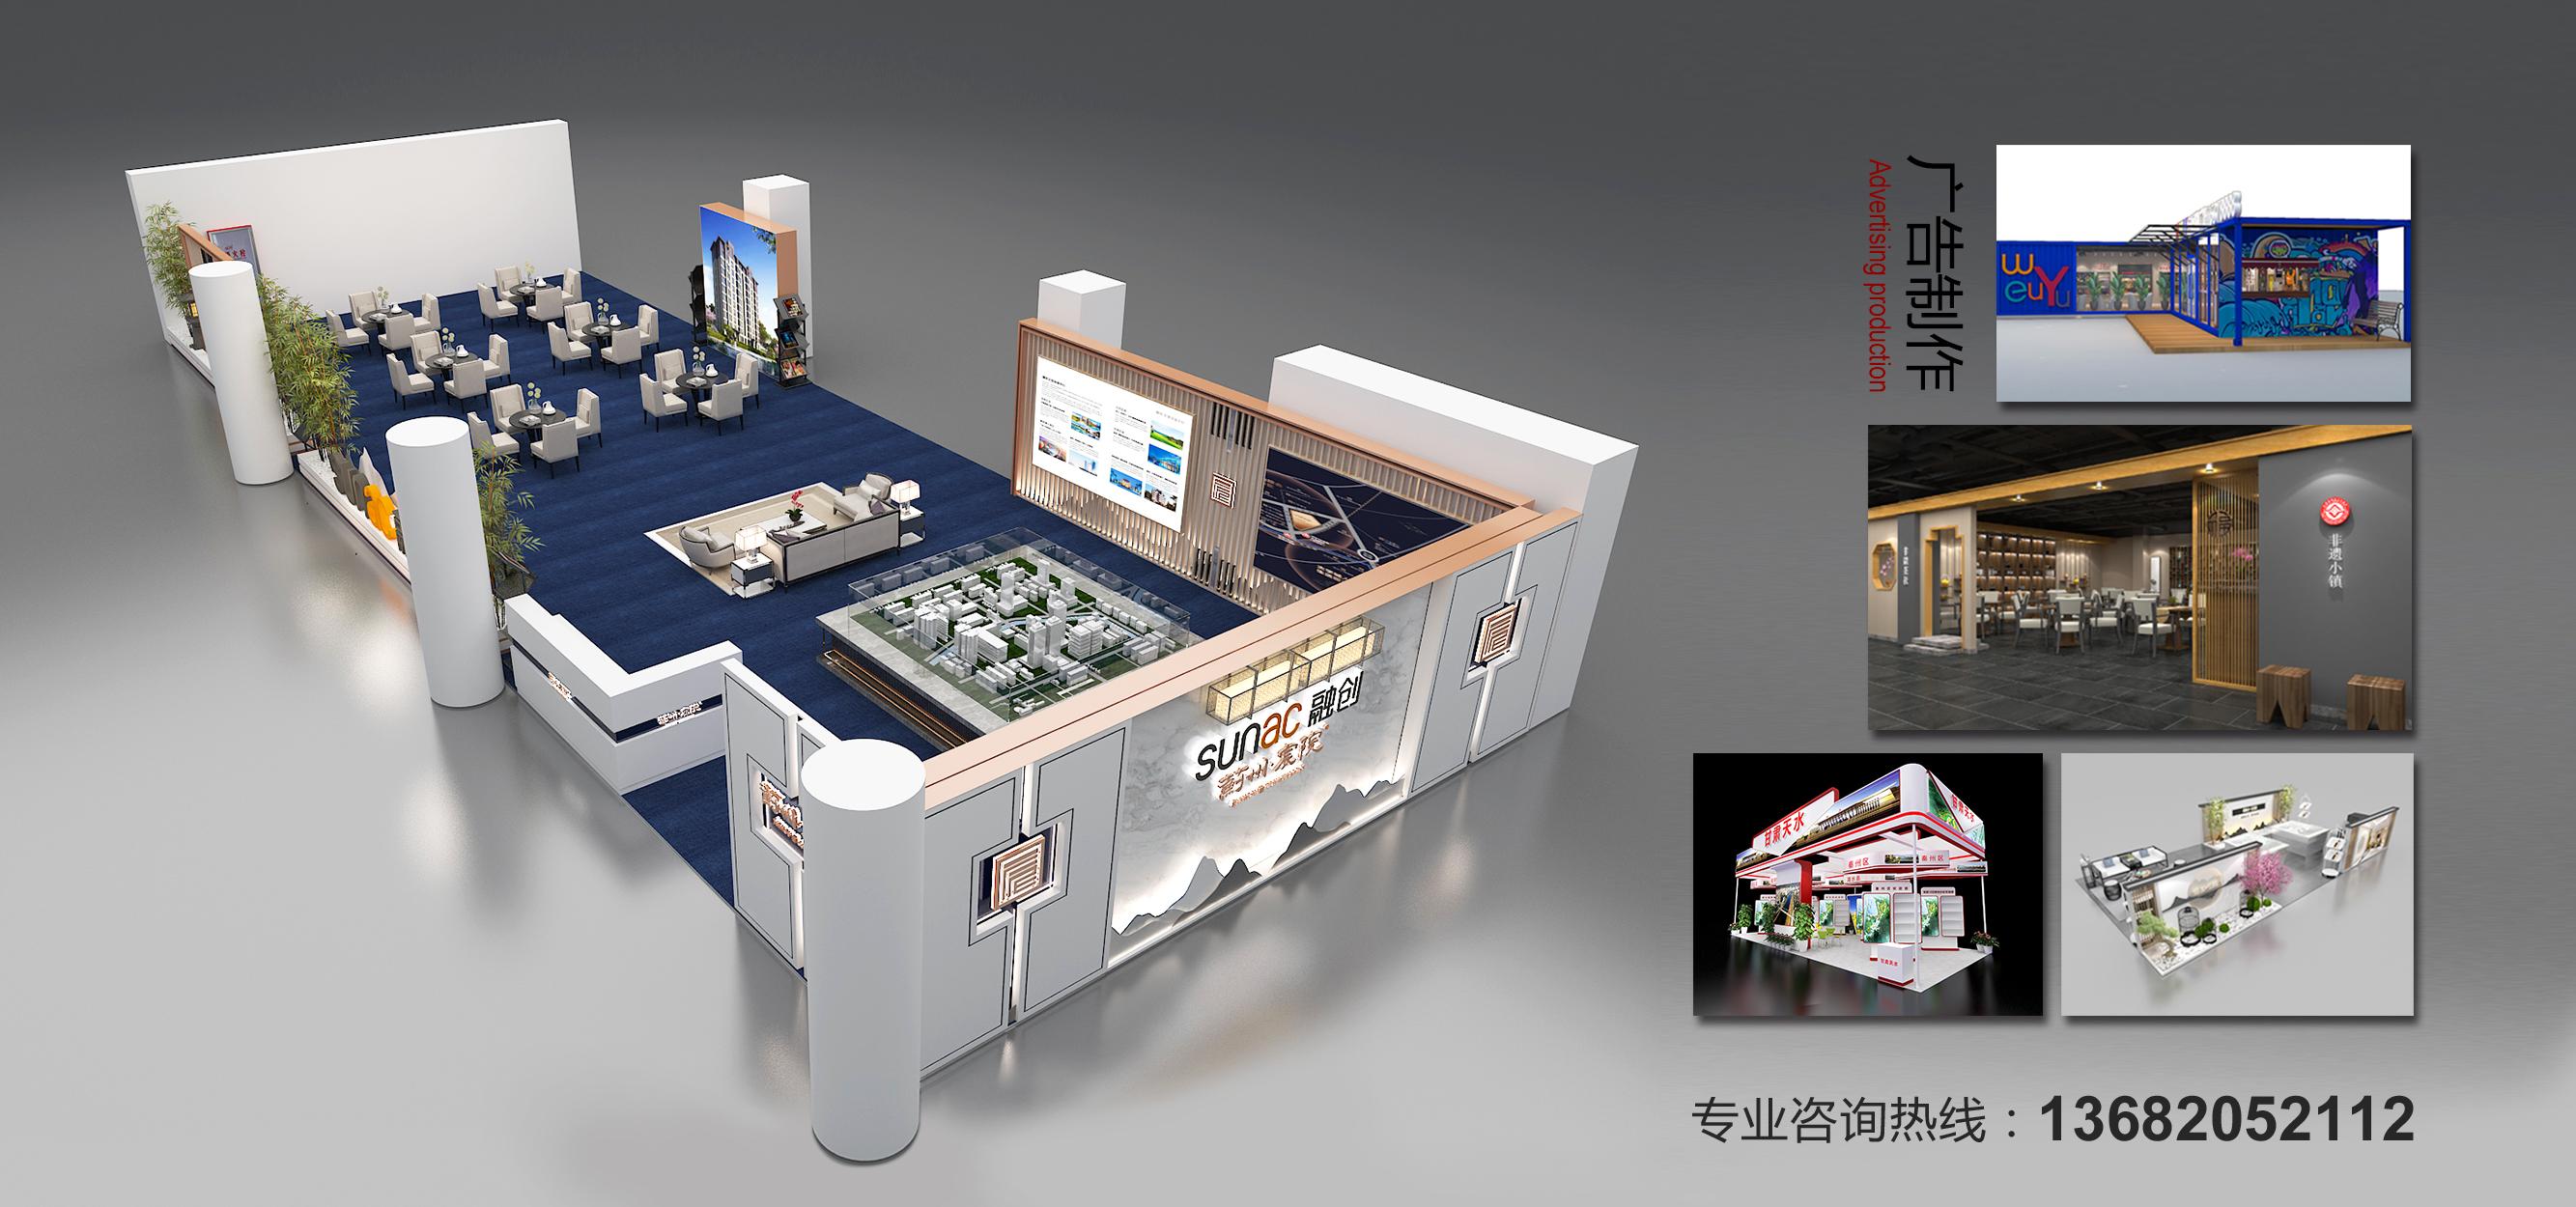 天津展览制作工厂